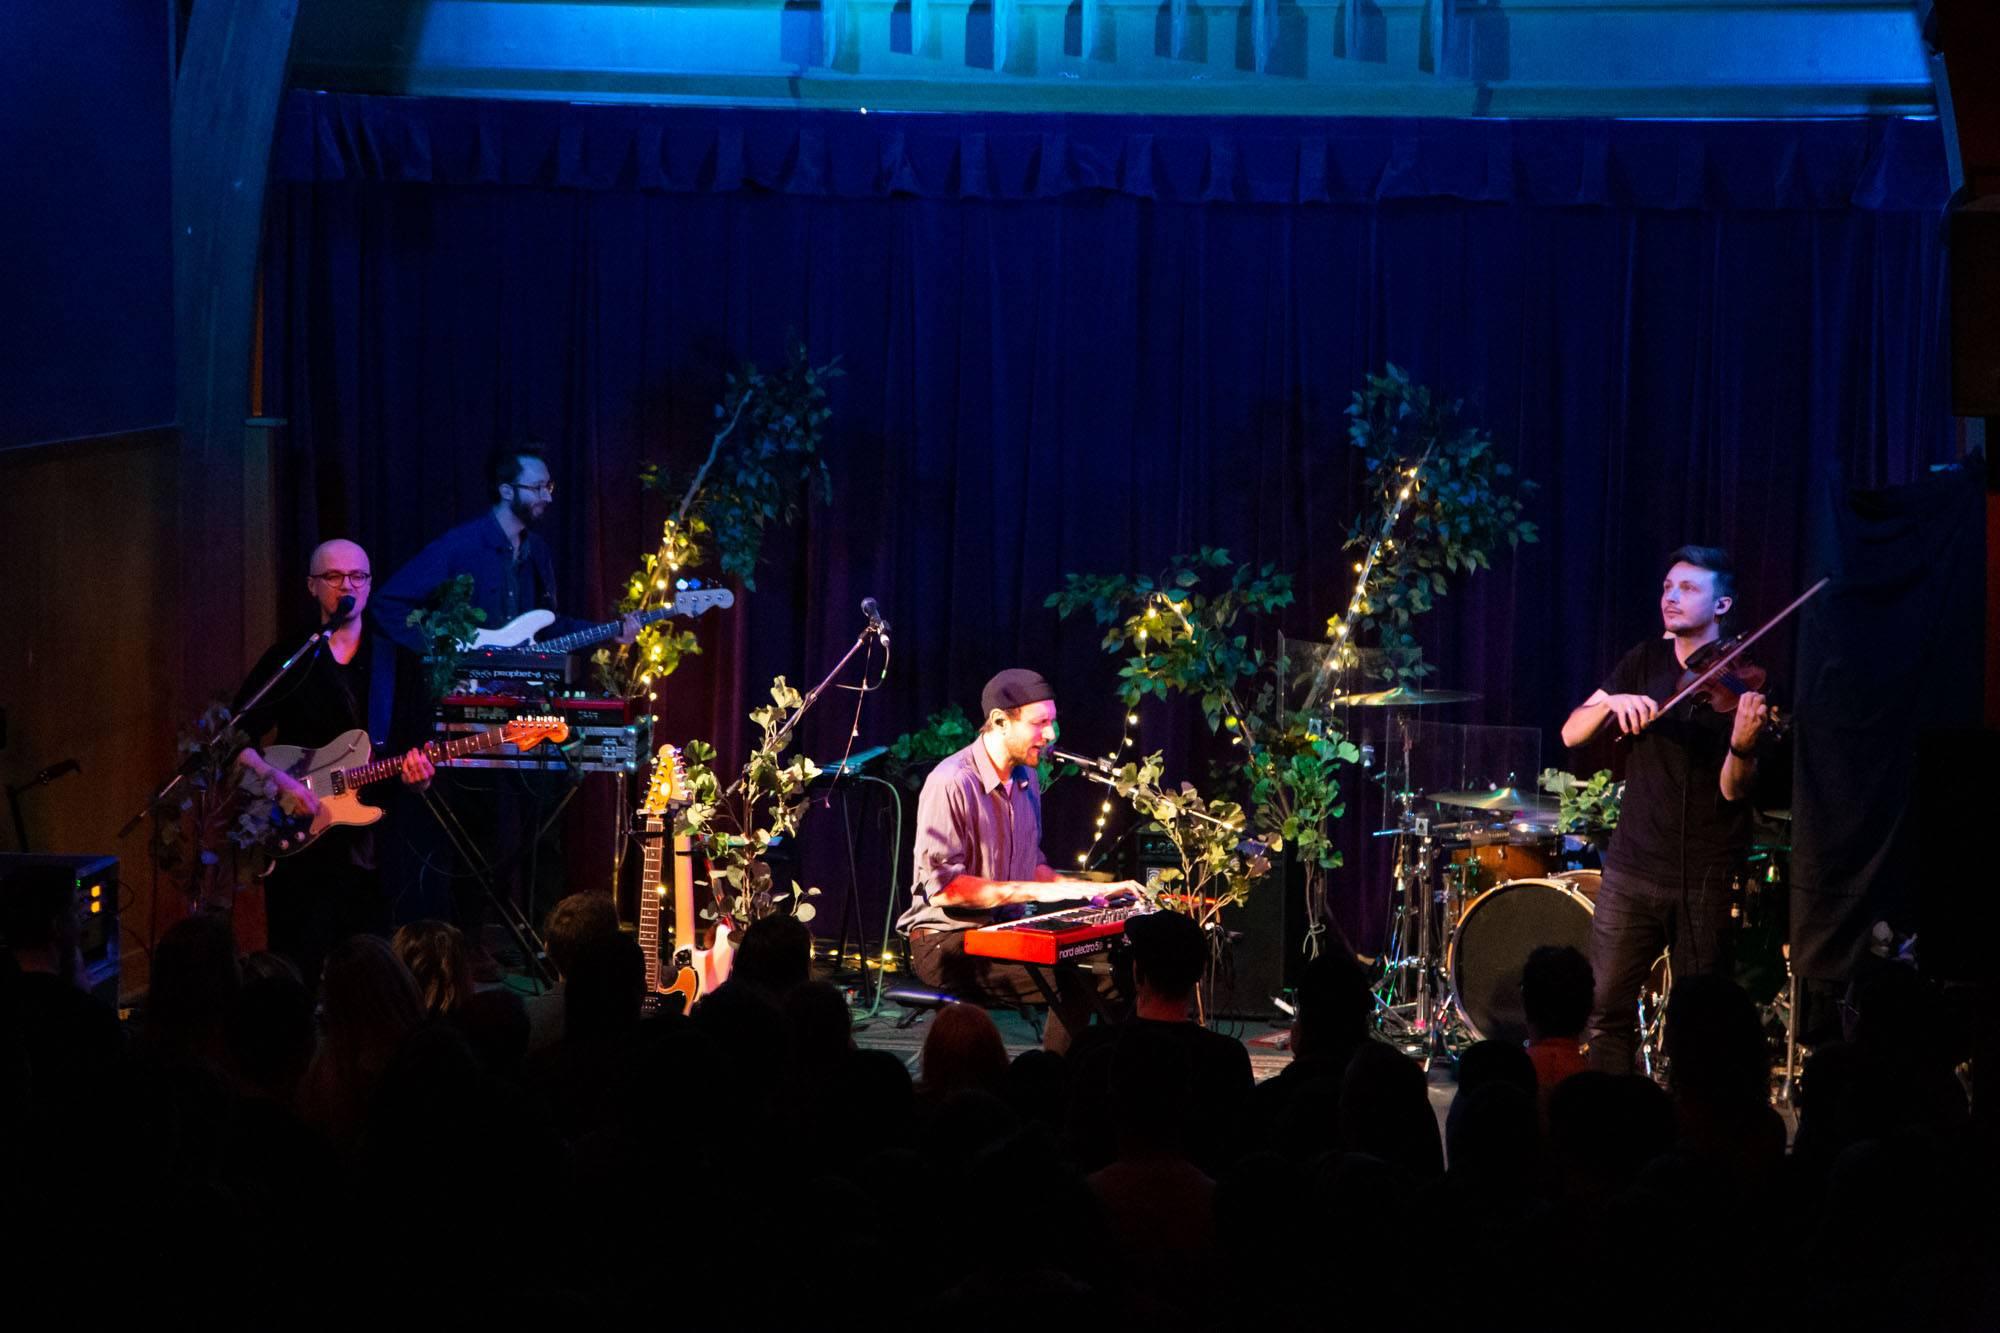 Novo Amor at St. James Hall, Vancouver, Nov 30 2018. Kirk Chantraine photo.